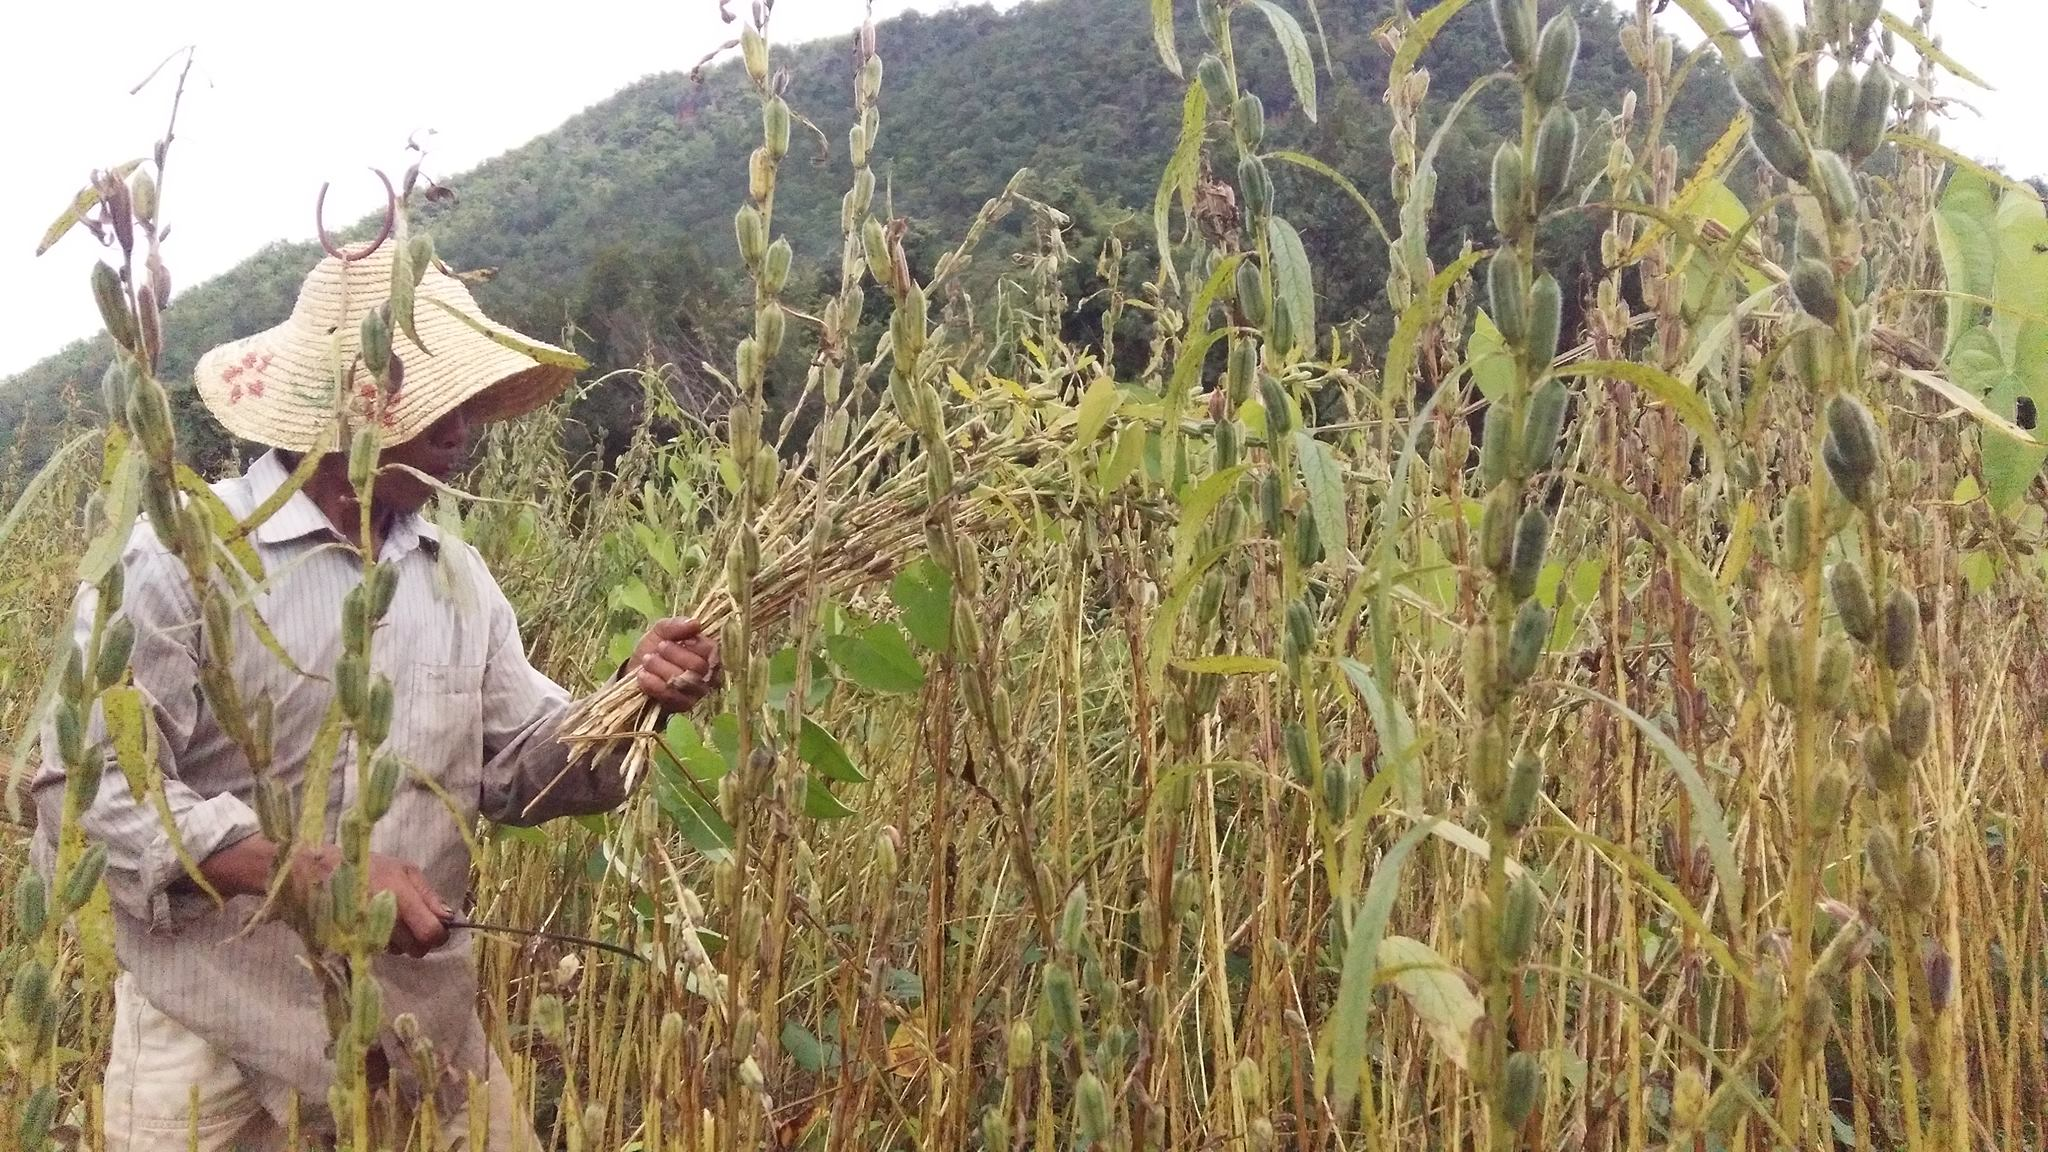 နှမ်းဈေးမကောင်းမည်ကို ဒေါတမကြီးအုပ်စုထဲမှ တောင်သူများ စိုးရိမ်ကြ